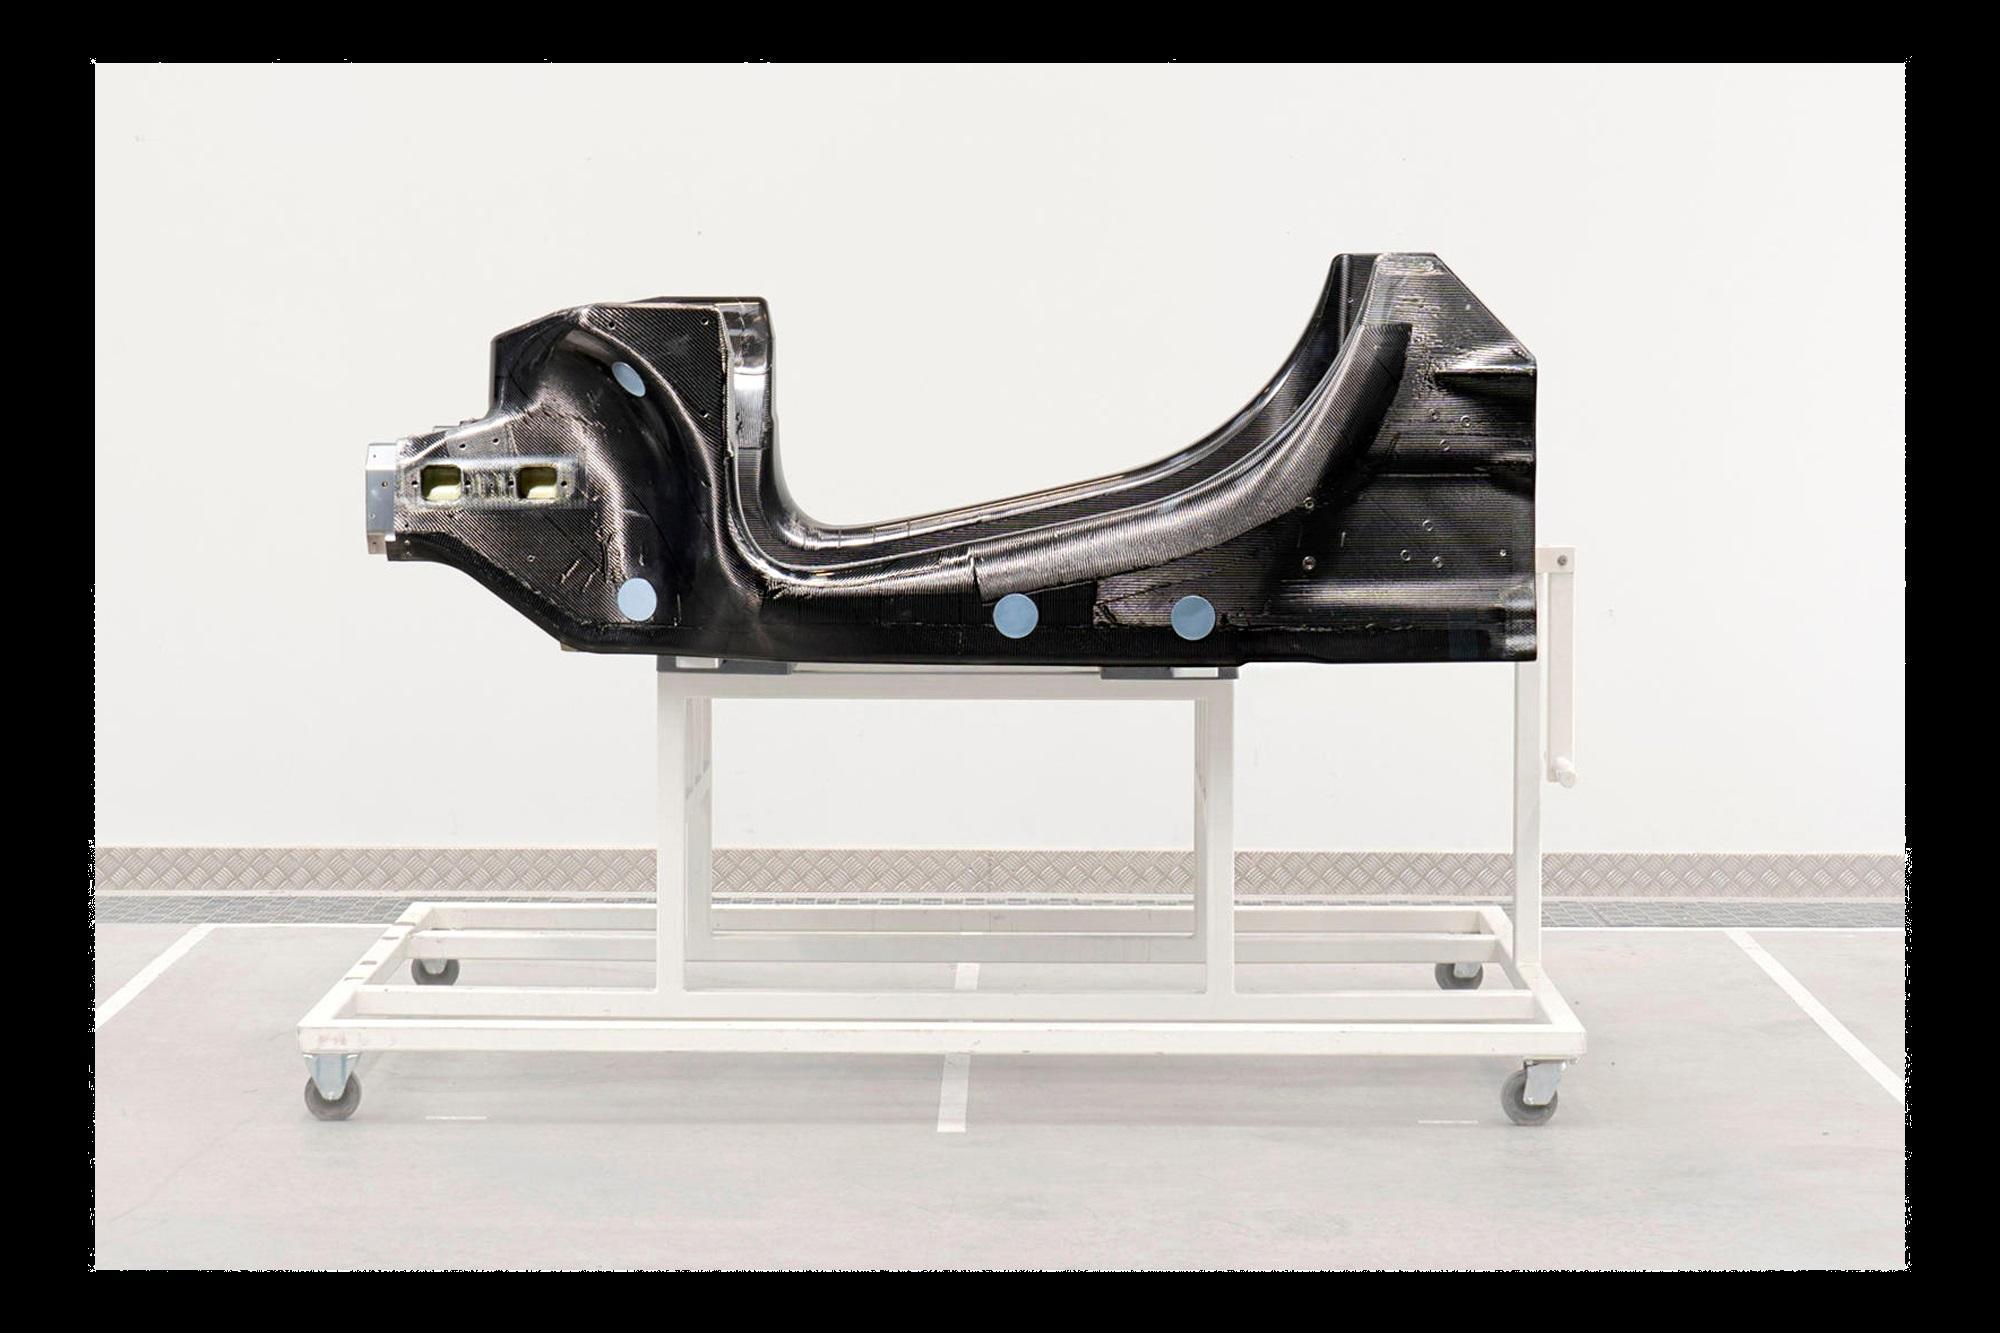 Η νέα πλατφόρμα της McLaren